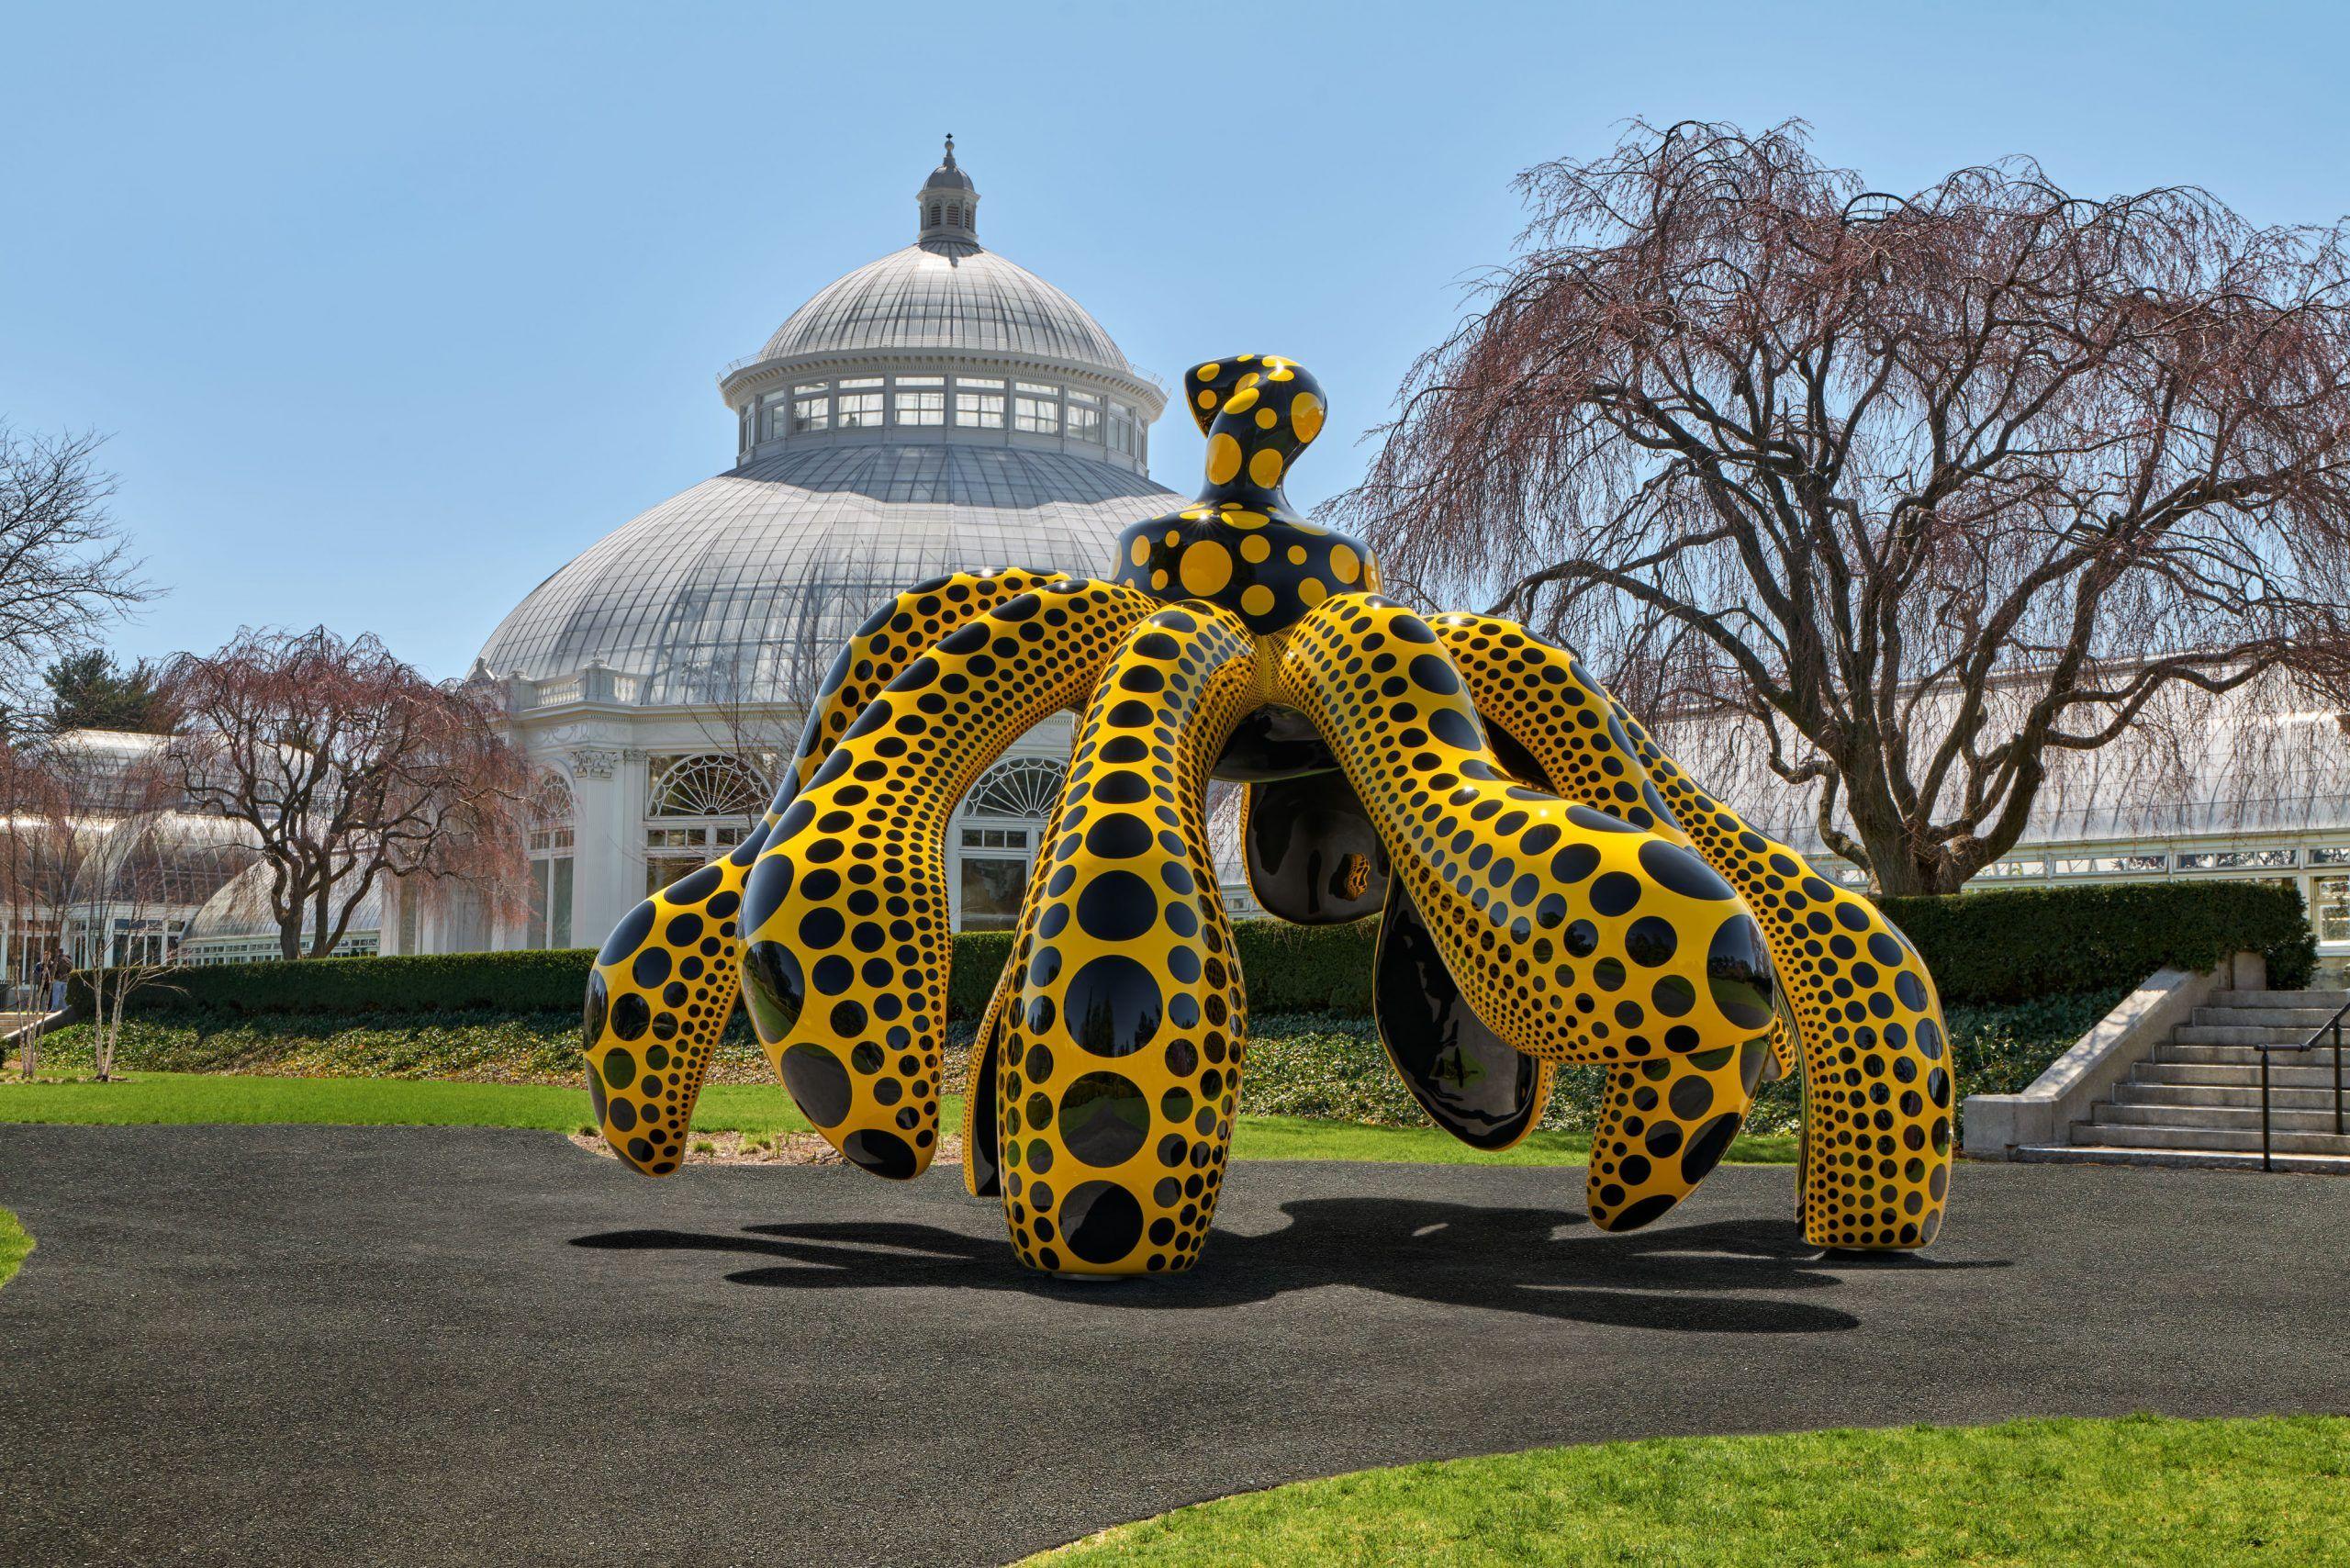 Yayoi Kusama's Exhibit Opens at the New York Botanical Garden 2021